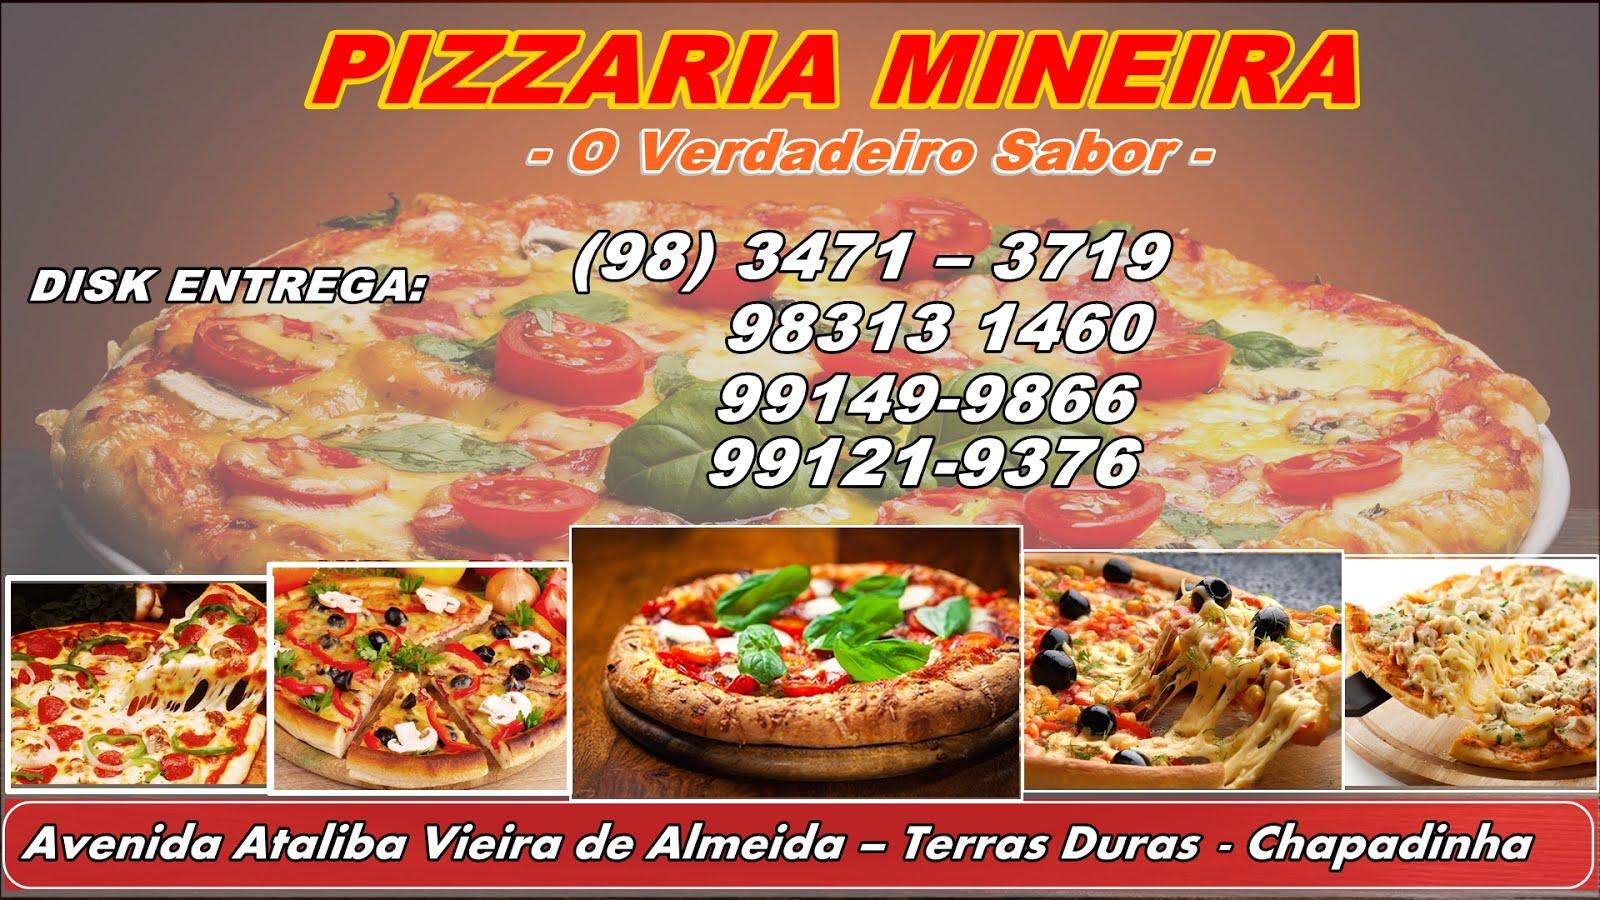 Pizzaria Mineira